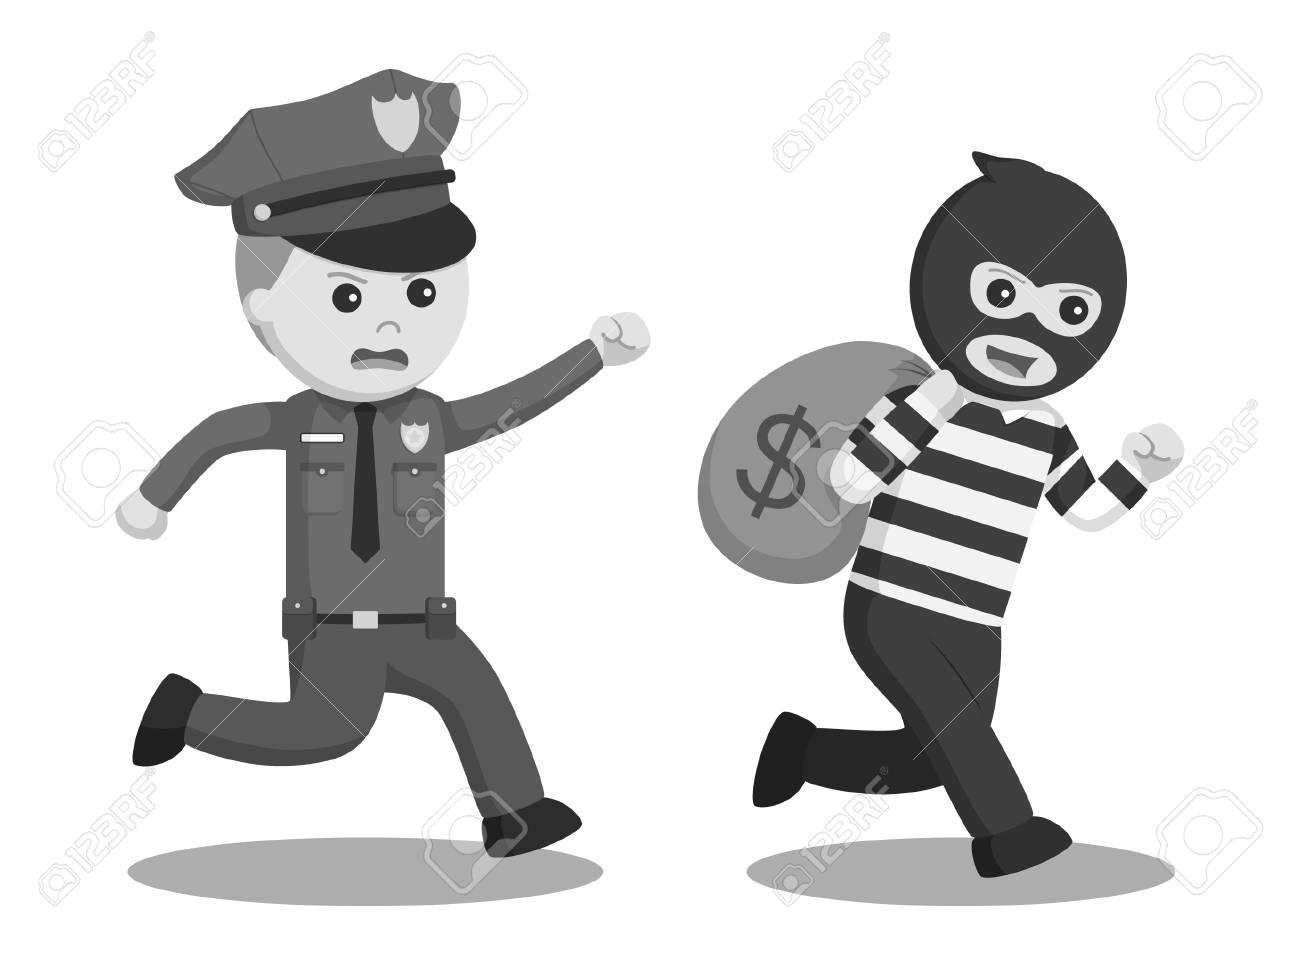 Polizei Buro Ziel Bank Dieb Schwarz Weiss Stil Lizenzfrei Nutzbare